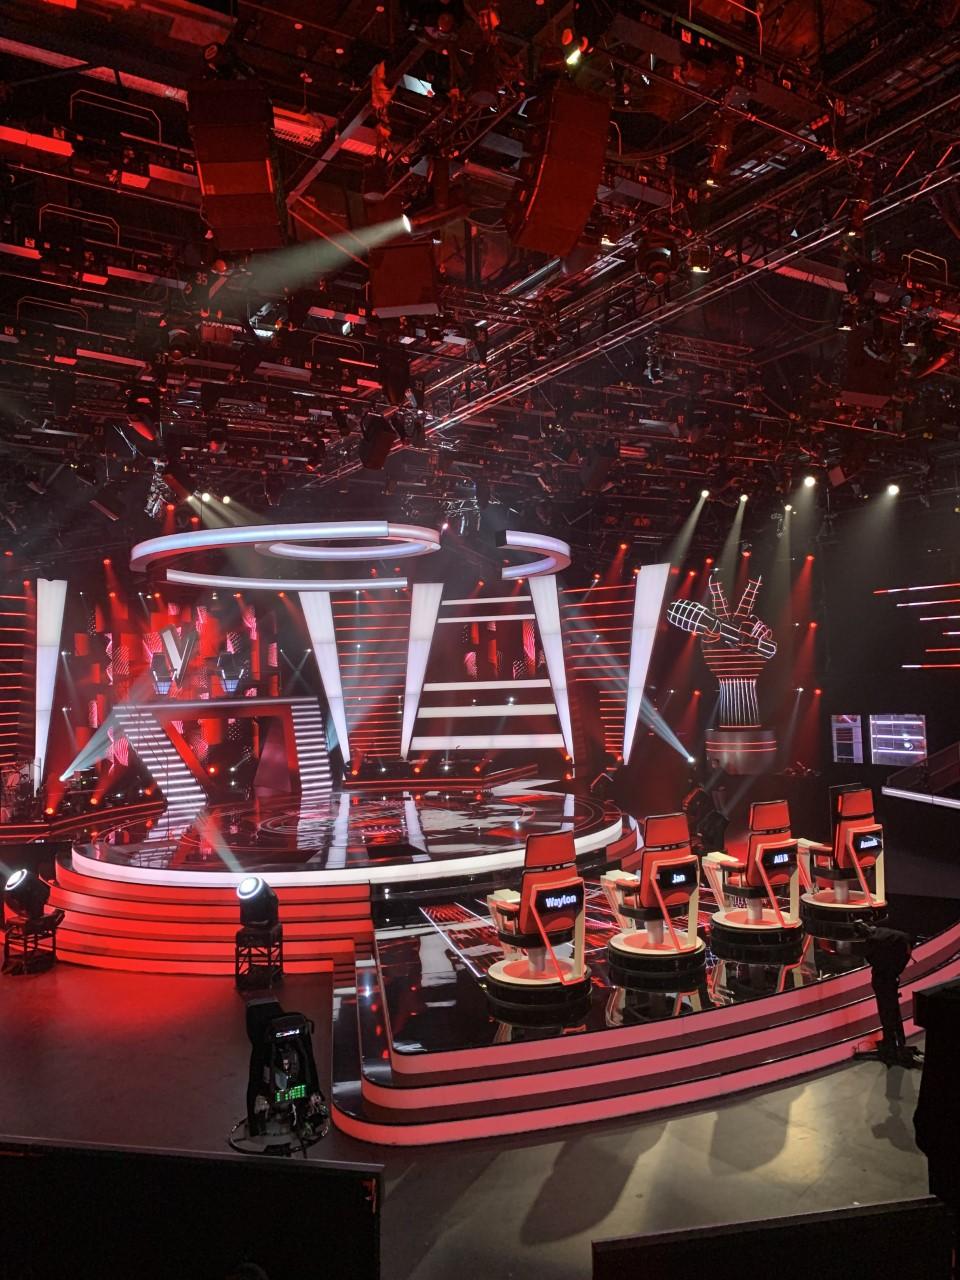 Studio22, de TV studio waar alle afleverignen van The Voice worden opgenomen.